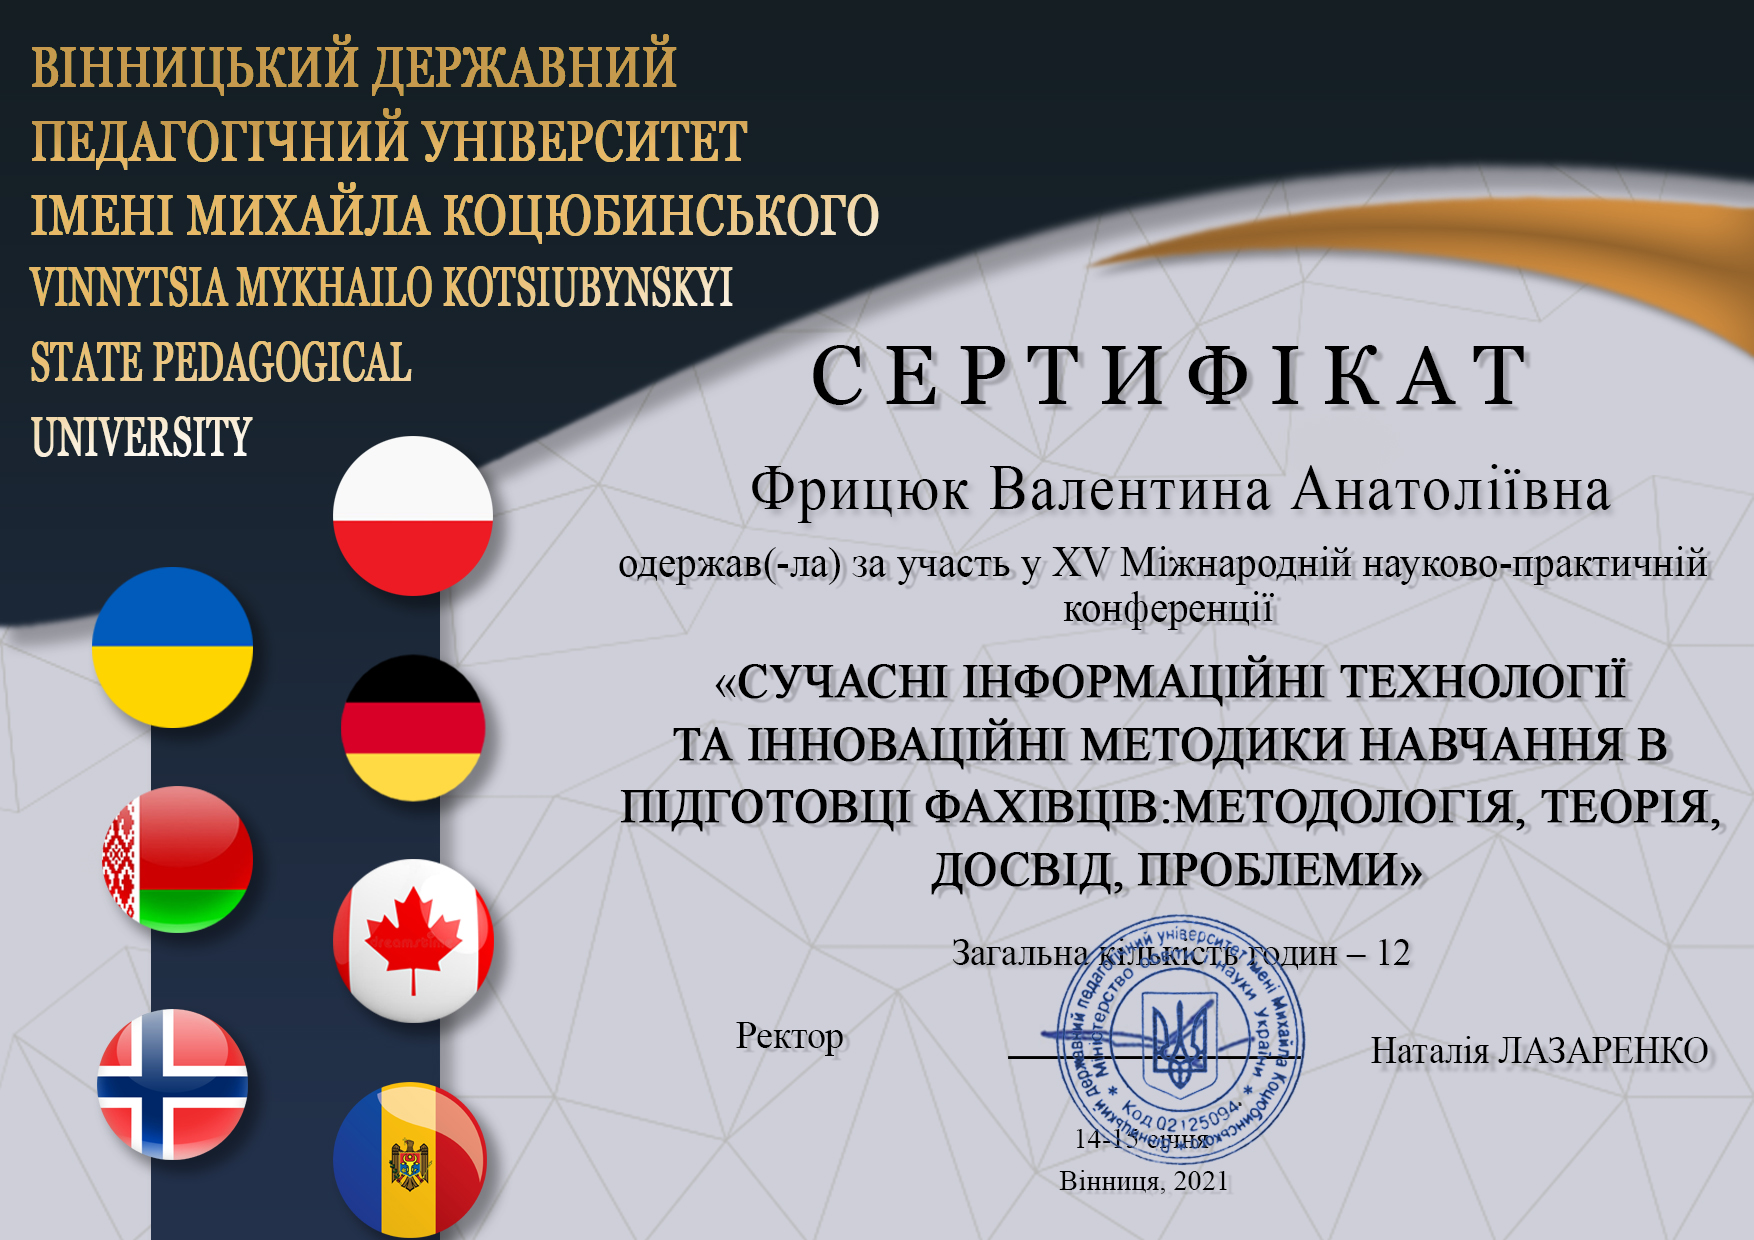 Фрицюк Валентина Анатоліївна